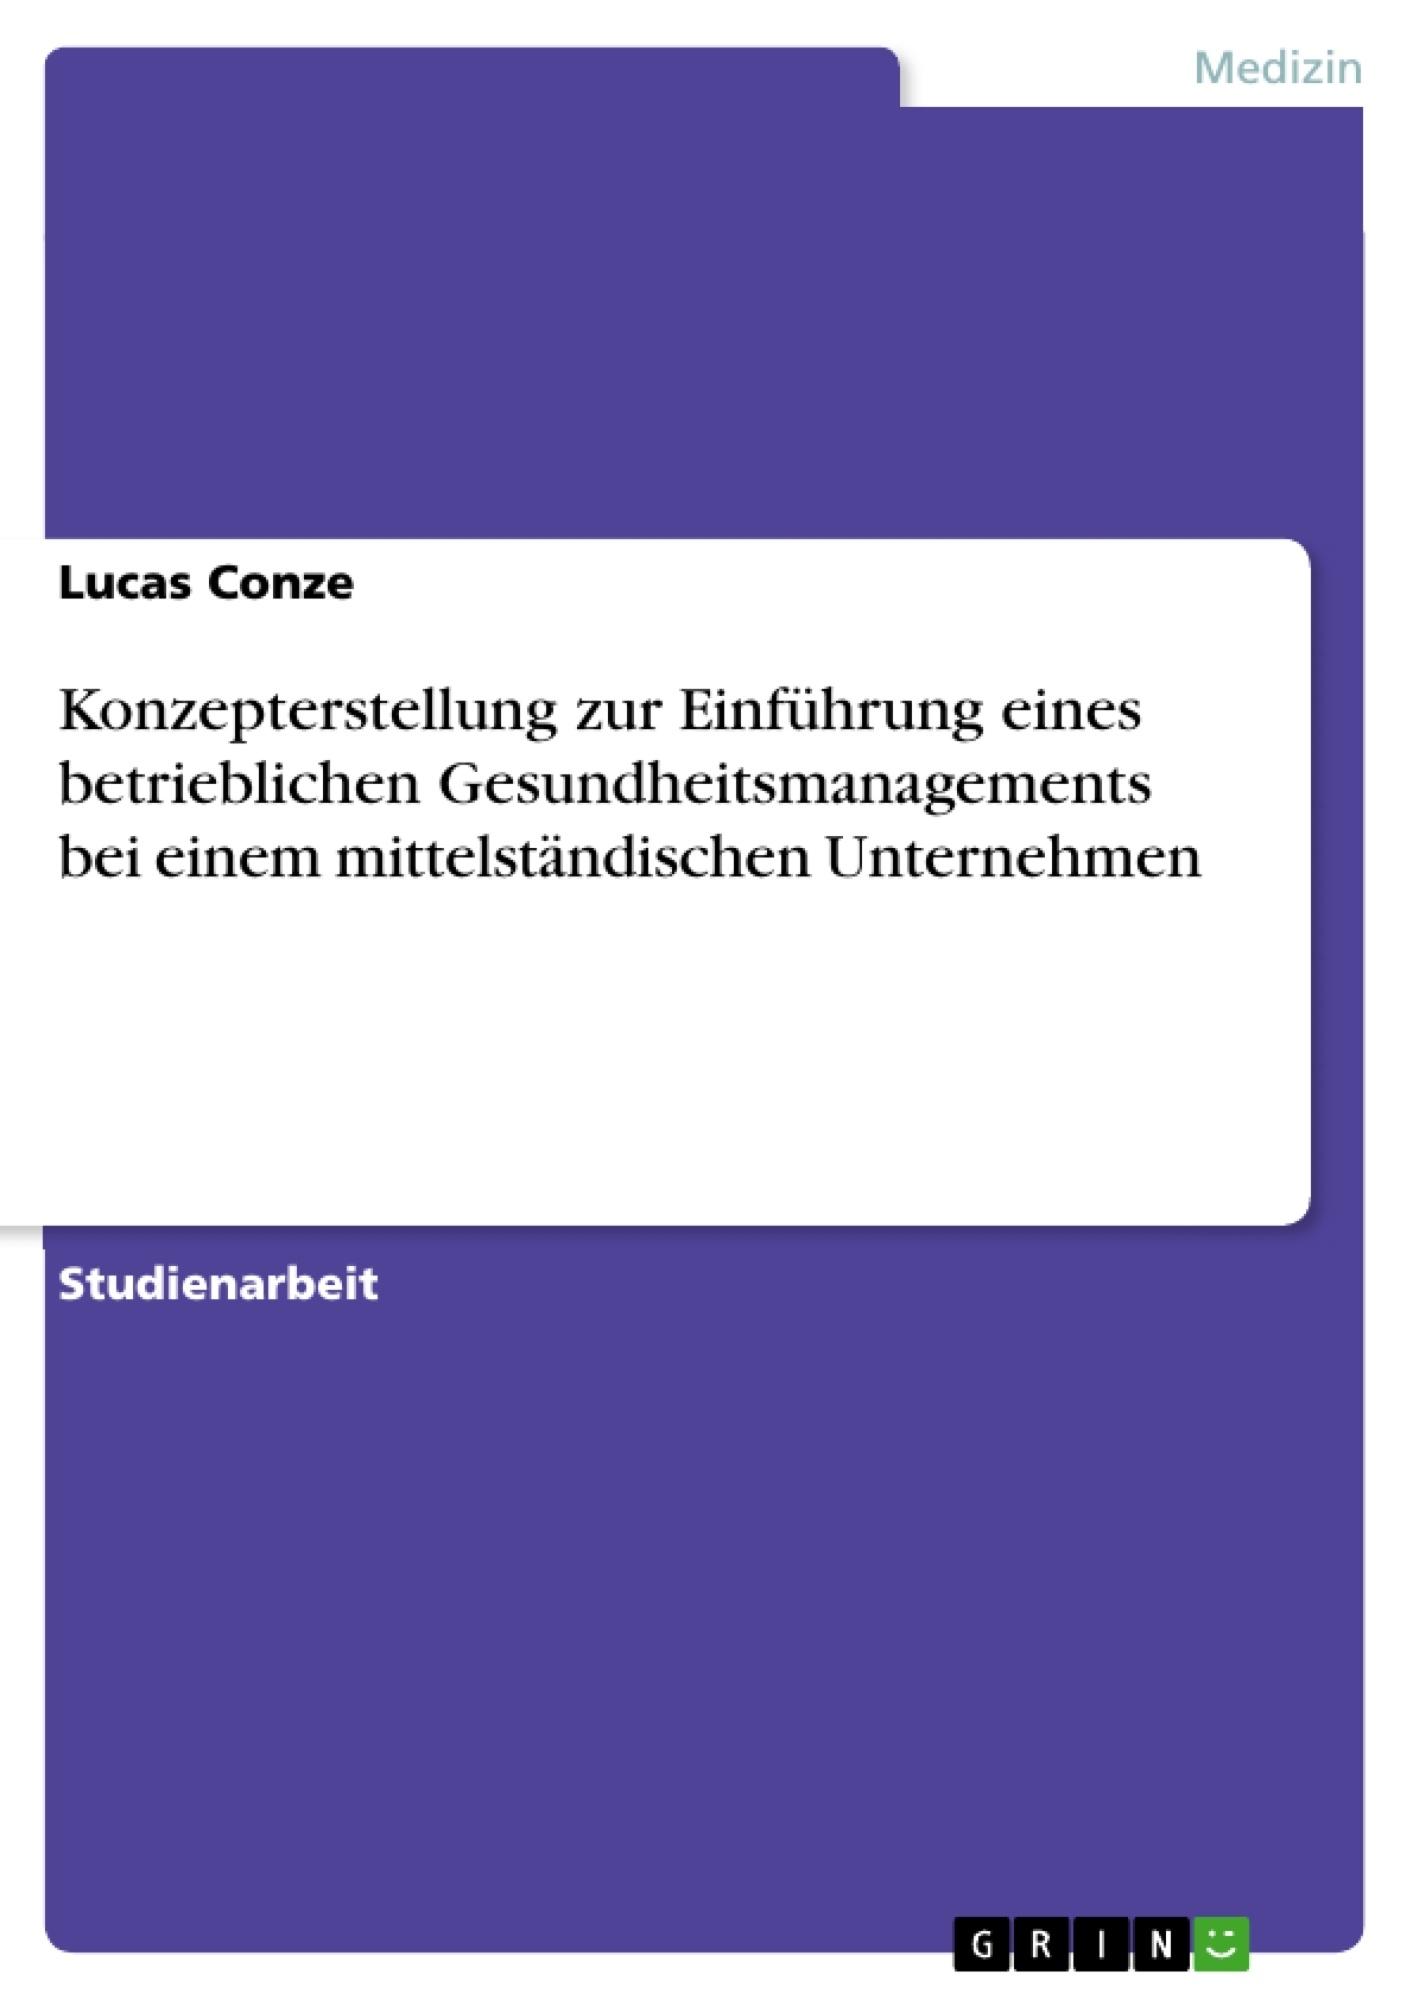 Titel: Konzepterstellung zur Einführung eines betrieblichen Gesundheitsmanagements bei einem mittelständischen Unternehmen